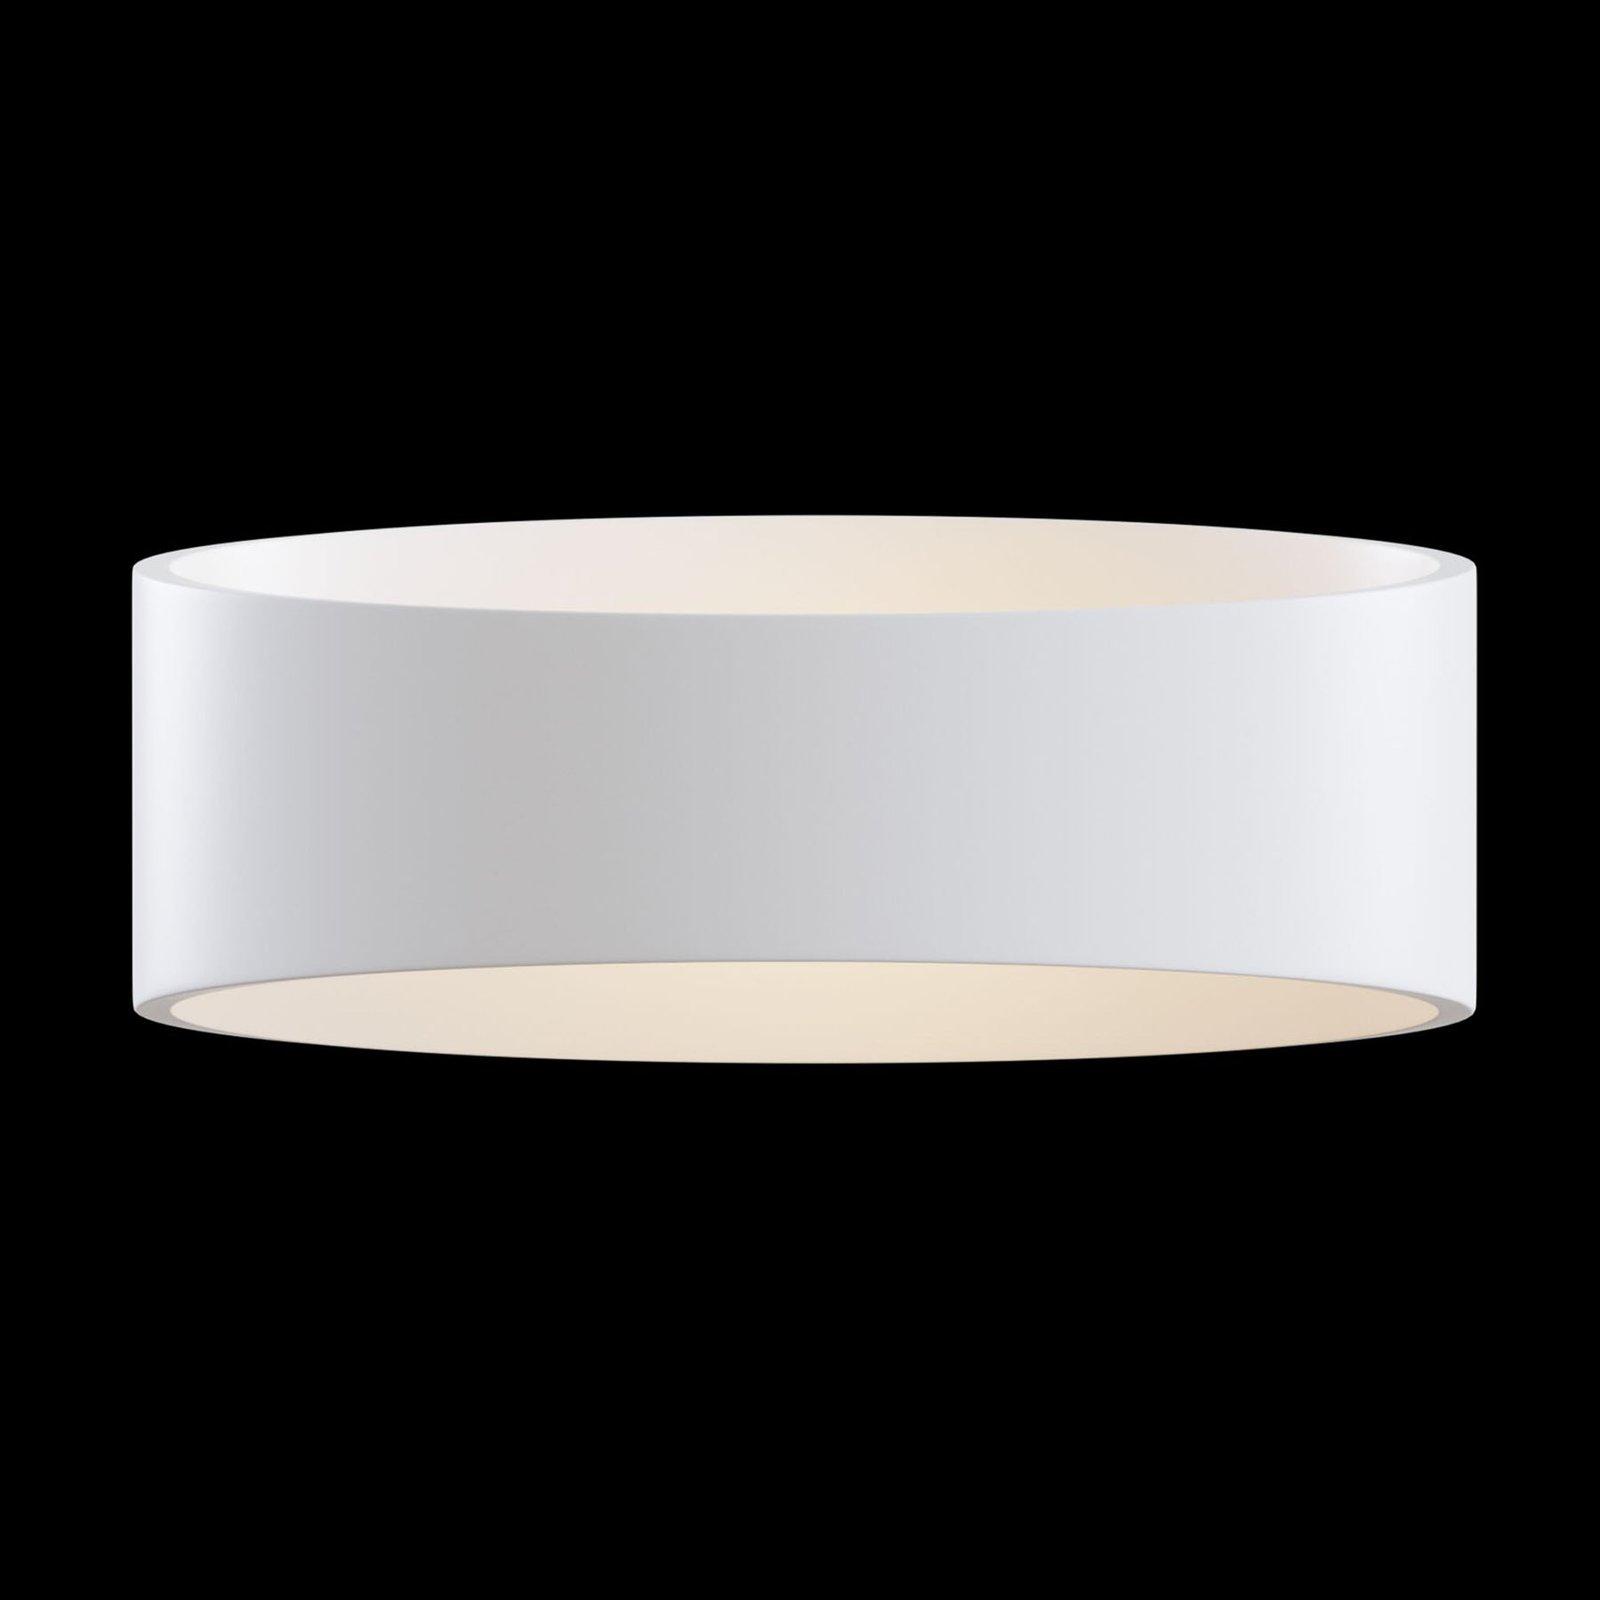 Trame LED-vegglampe, oval form i hvit